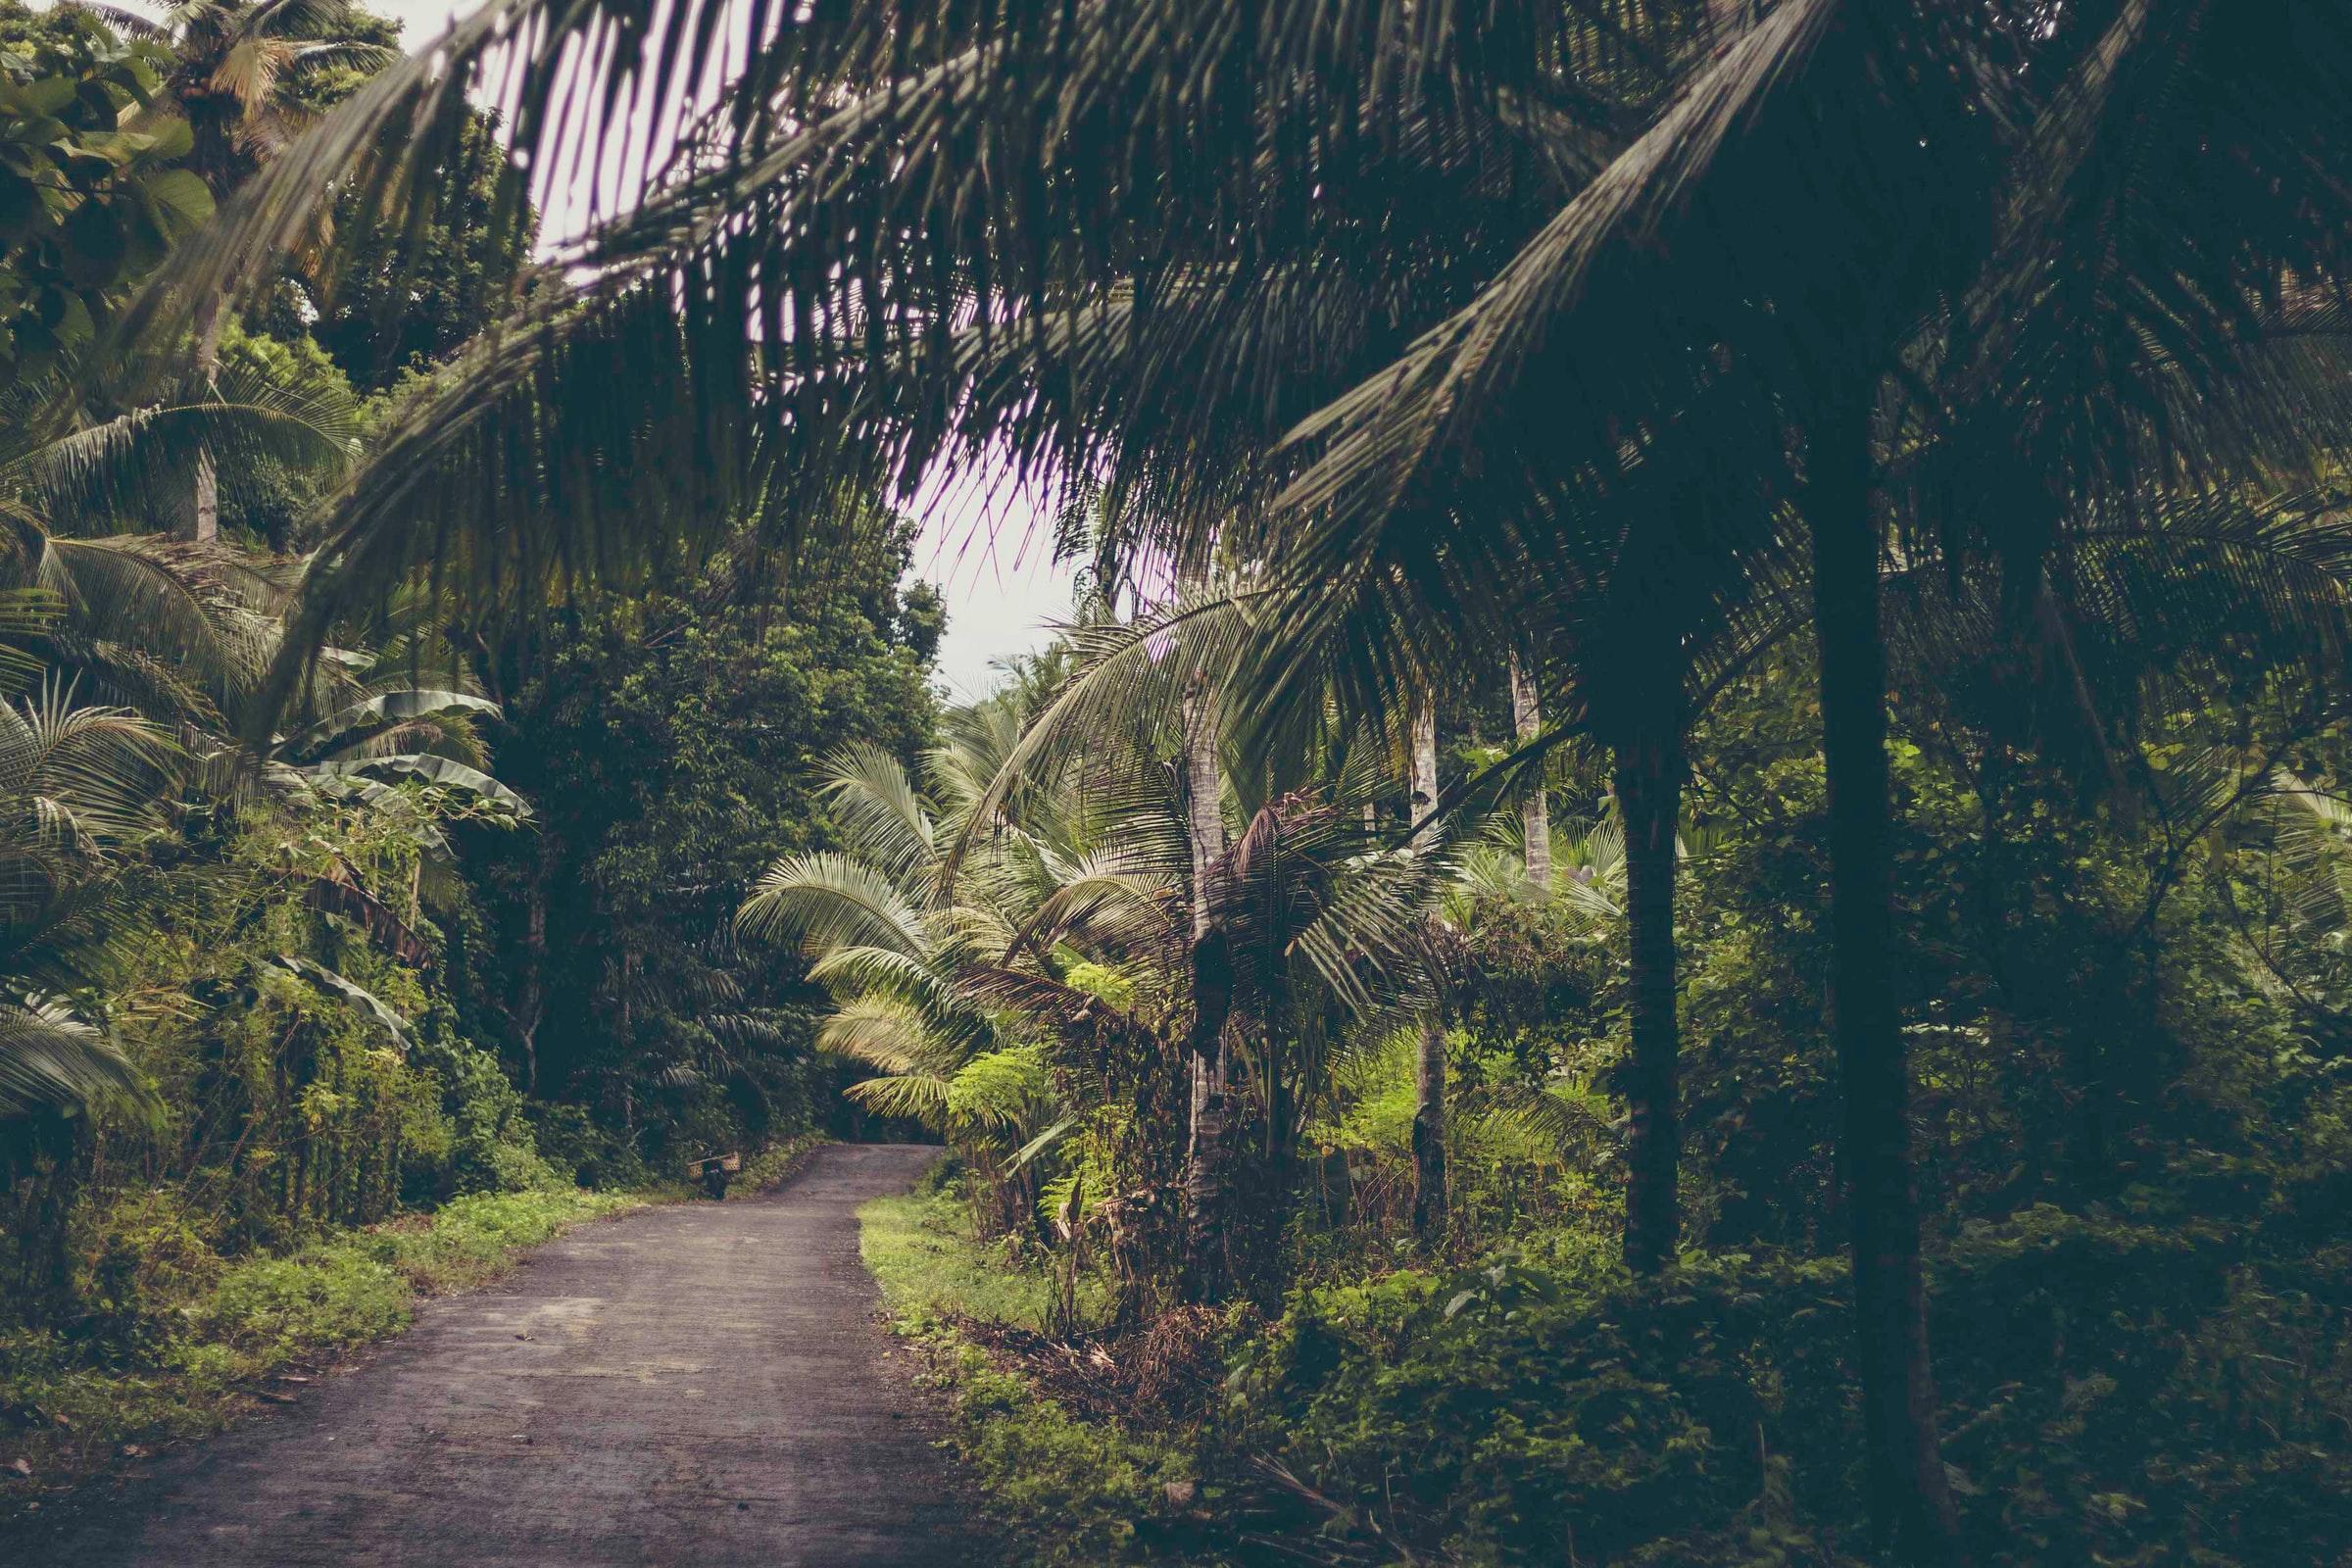 Indonesien Sulawesi - Straße zwischen Bäumen